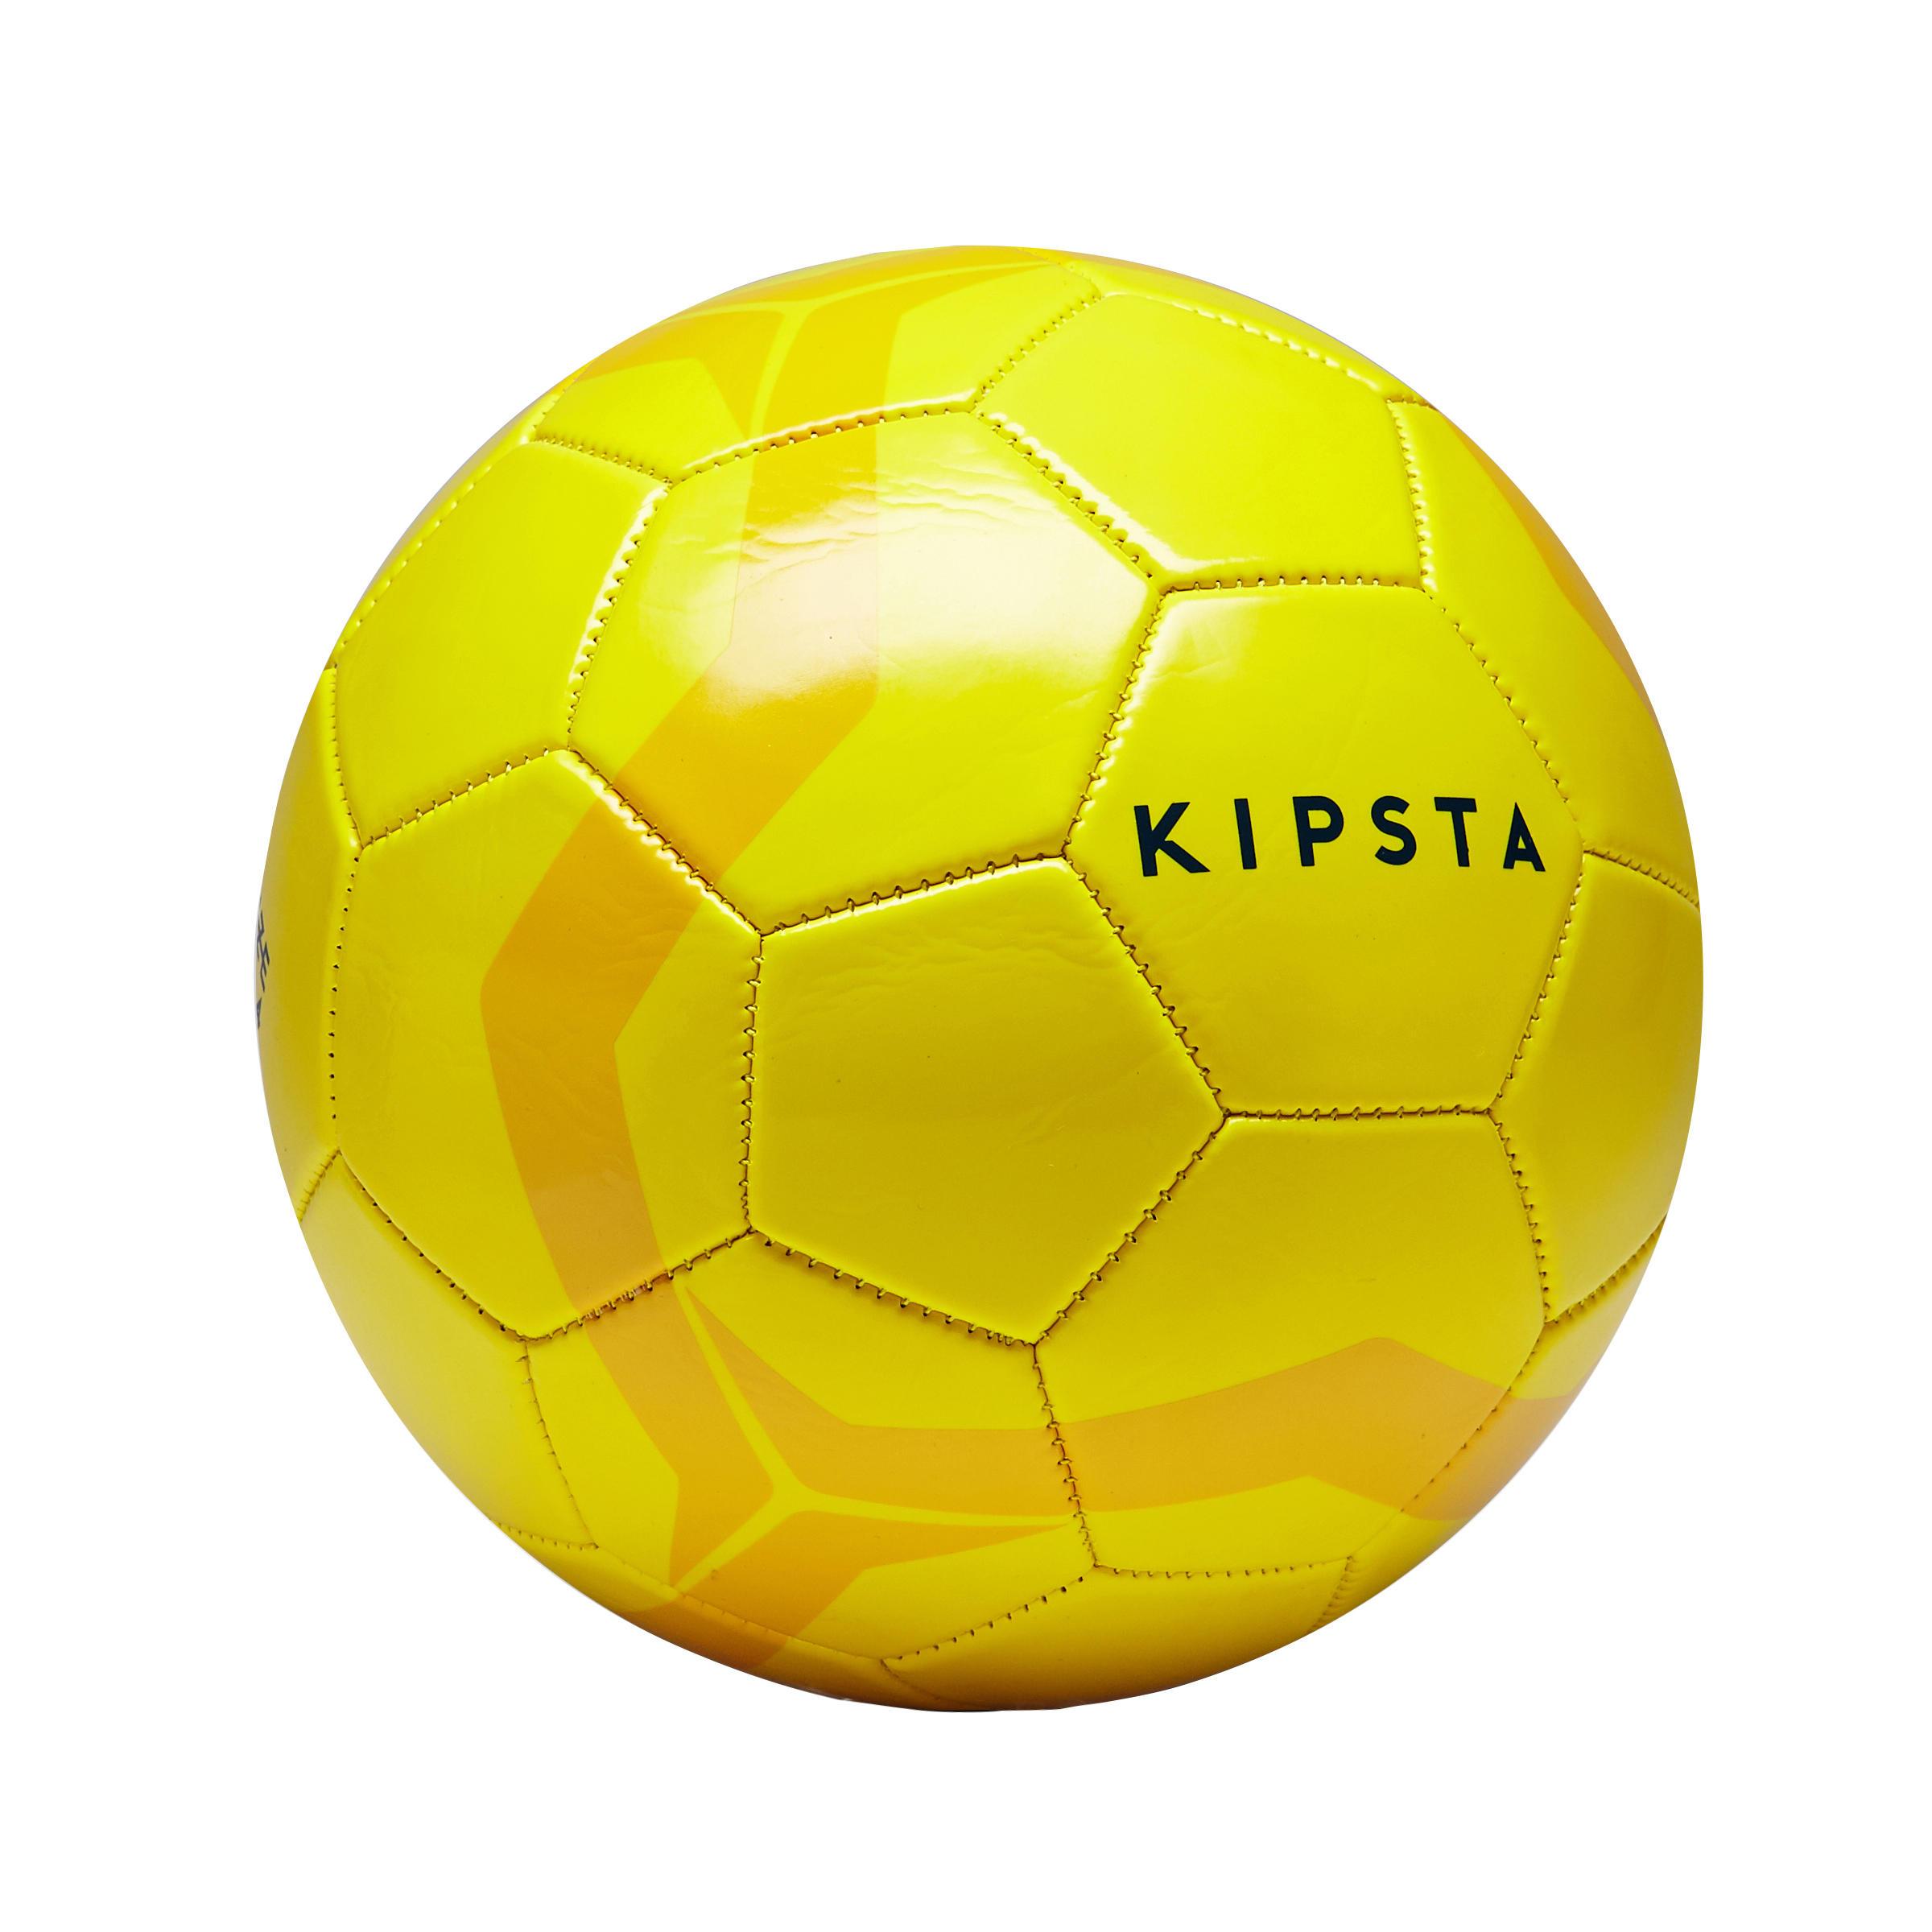 Kipsta Voetbal First Kick maat 4 (kinderen van 8 tot 12 jaar) geel